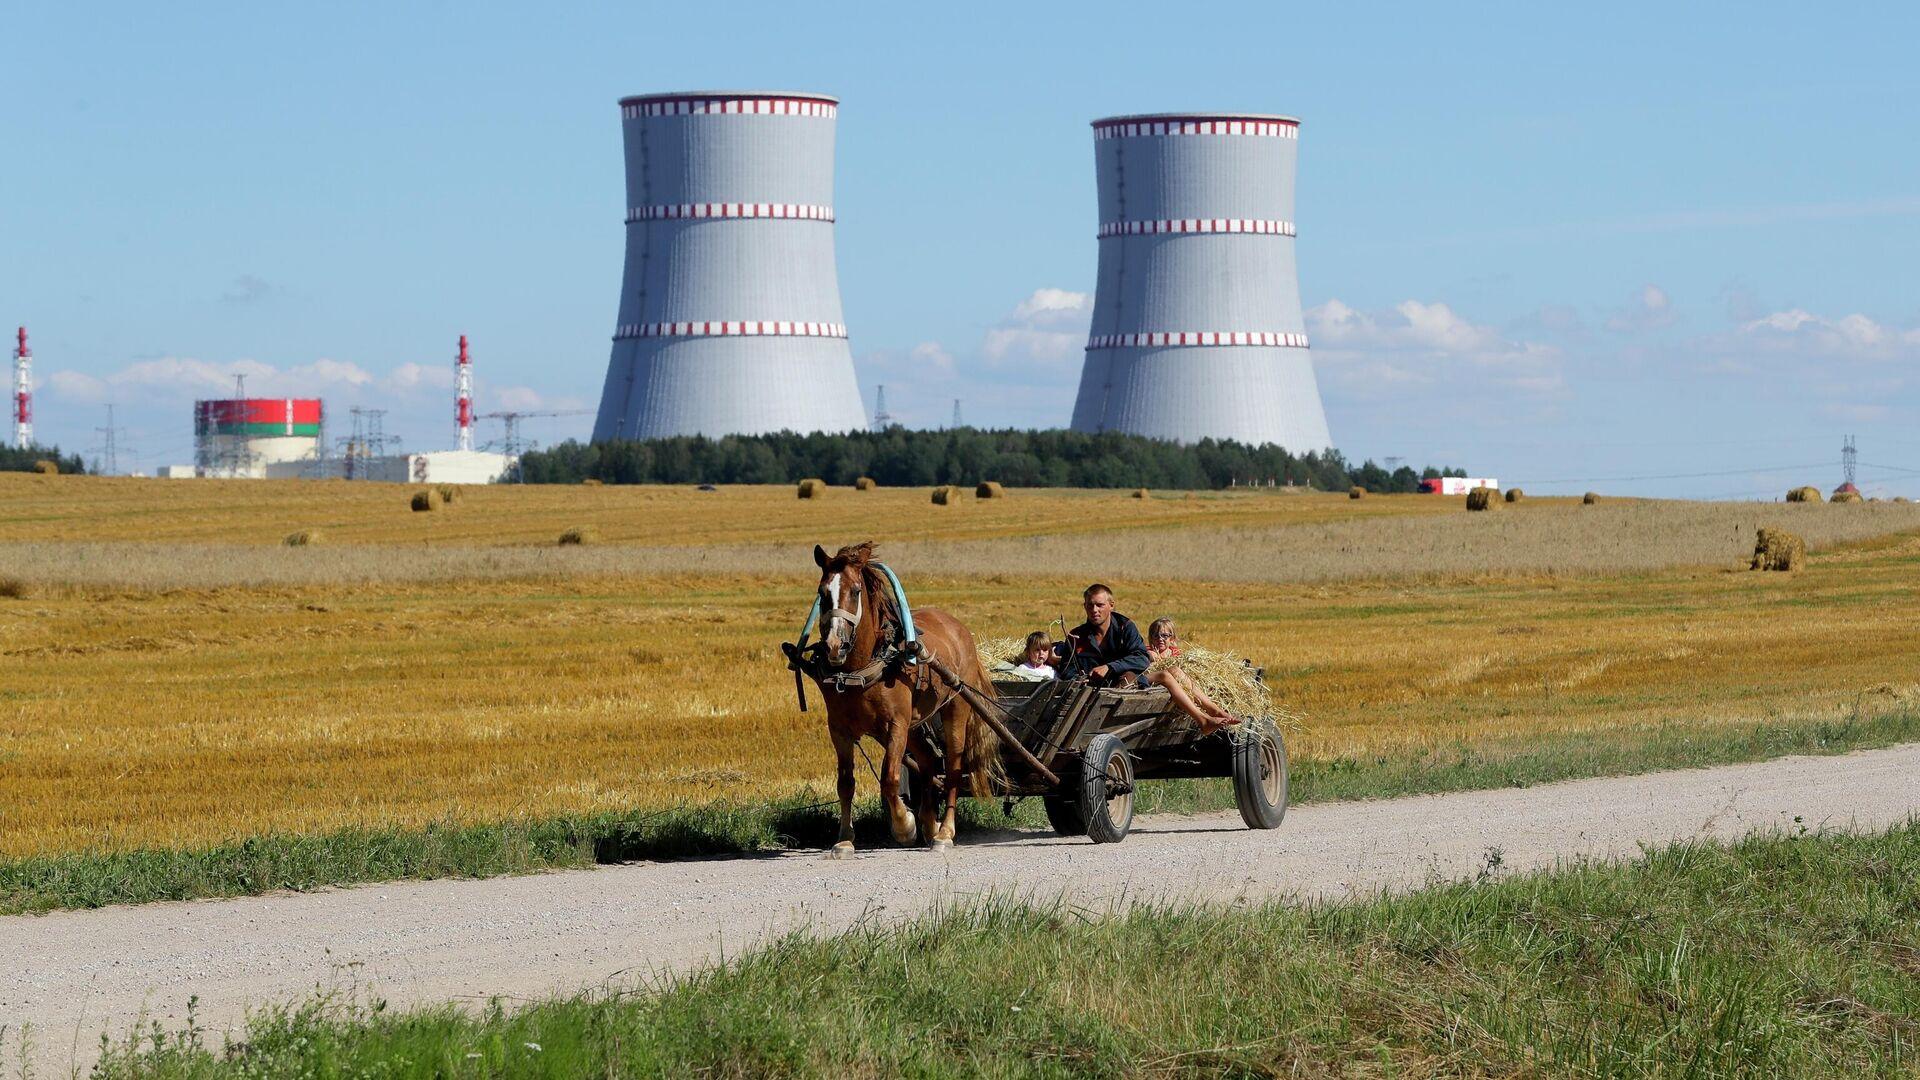 Белорусская АЭС  - РИА Новости, 1920, 21.09.2020